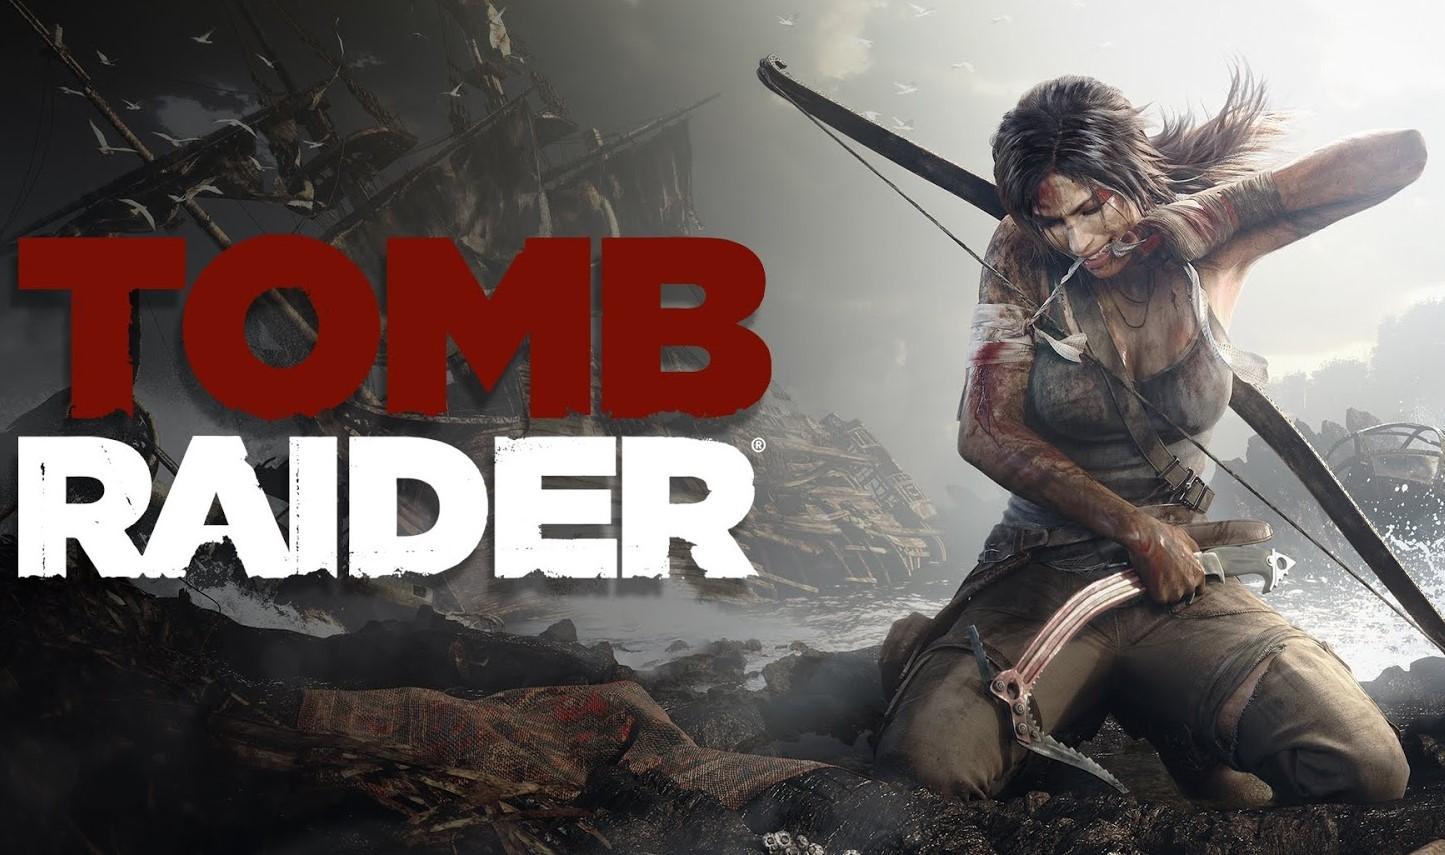 Crisis global por el coronavirus: Tomb Raider (2013) está gratis para siempre en Steam